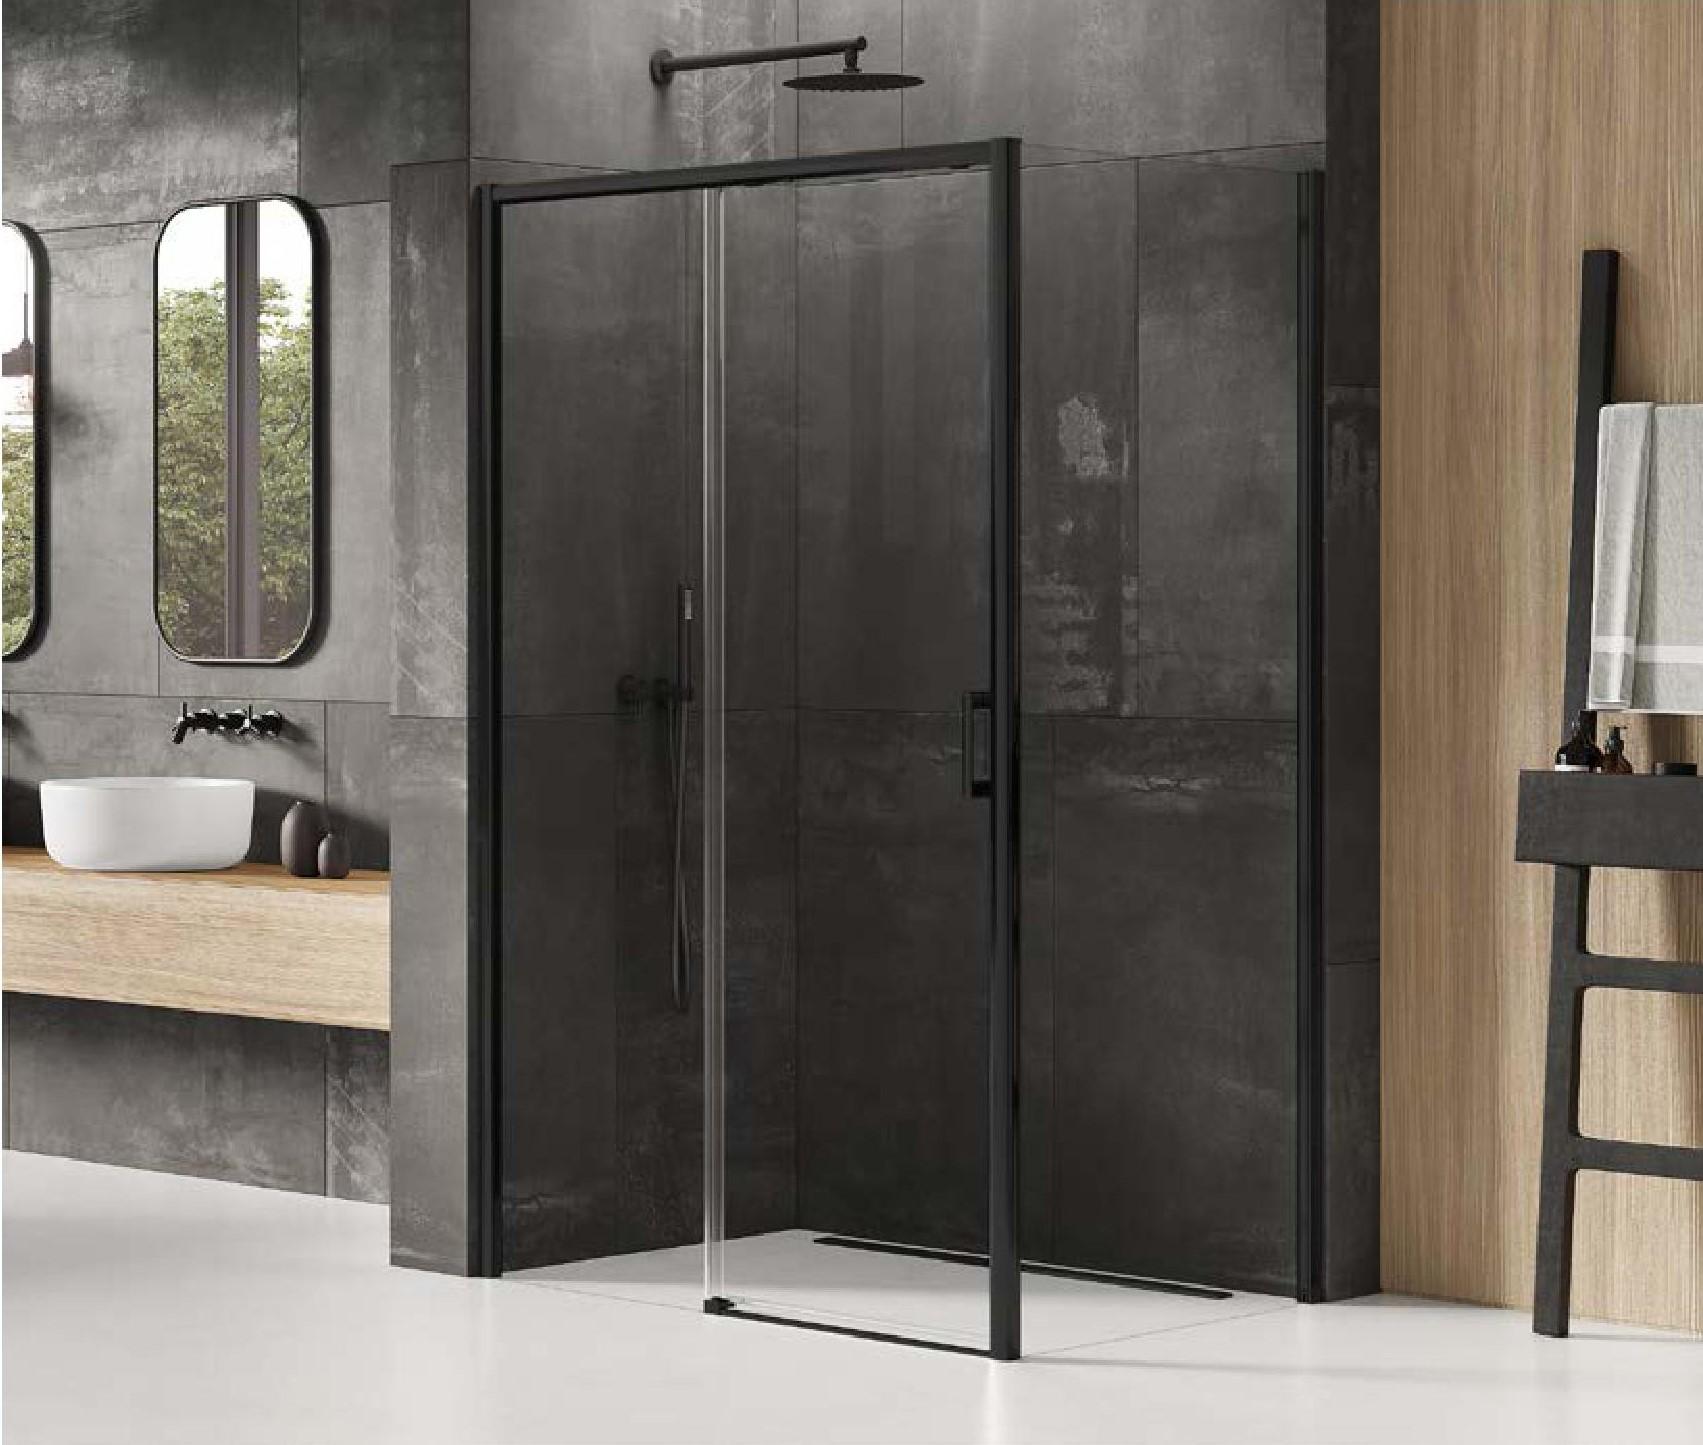 Kabina prysznicowa 120x80 z czarnymi profilami lewa